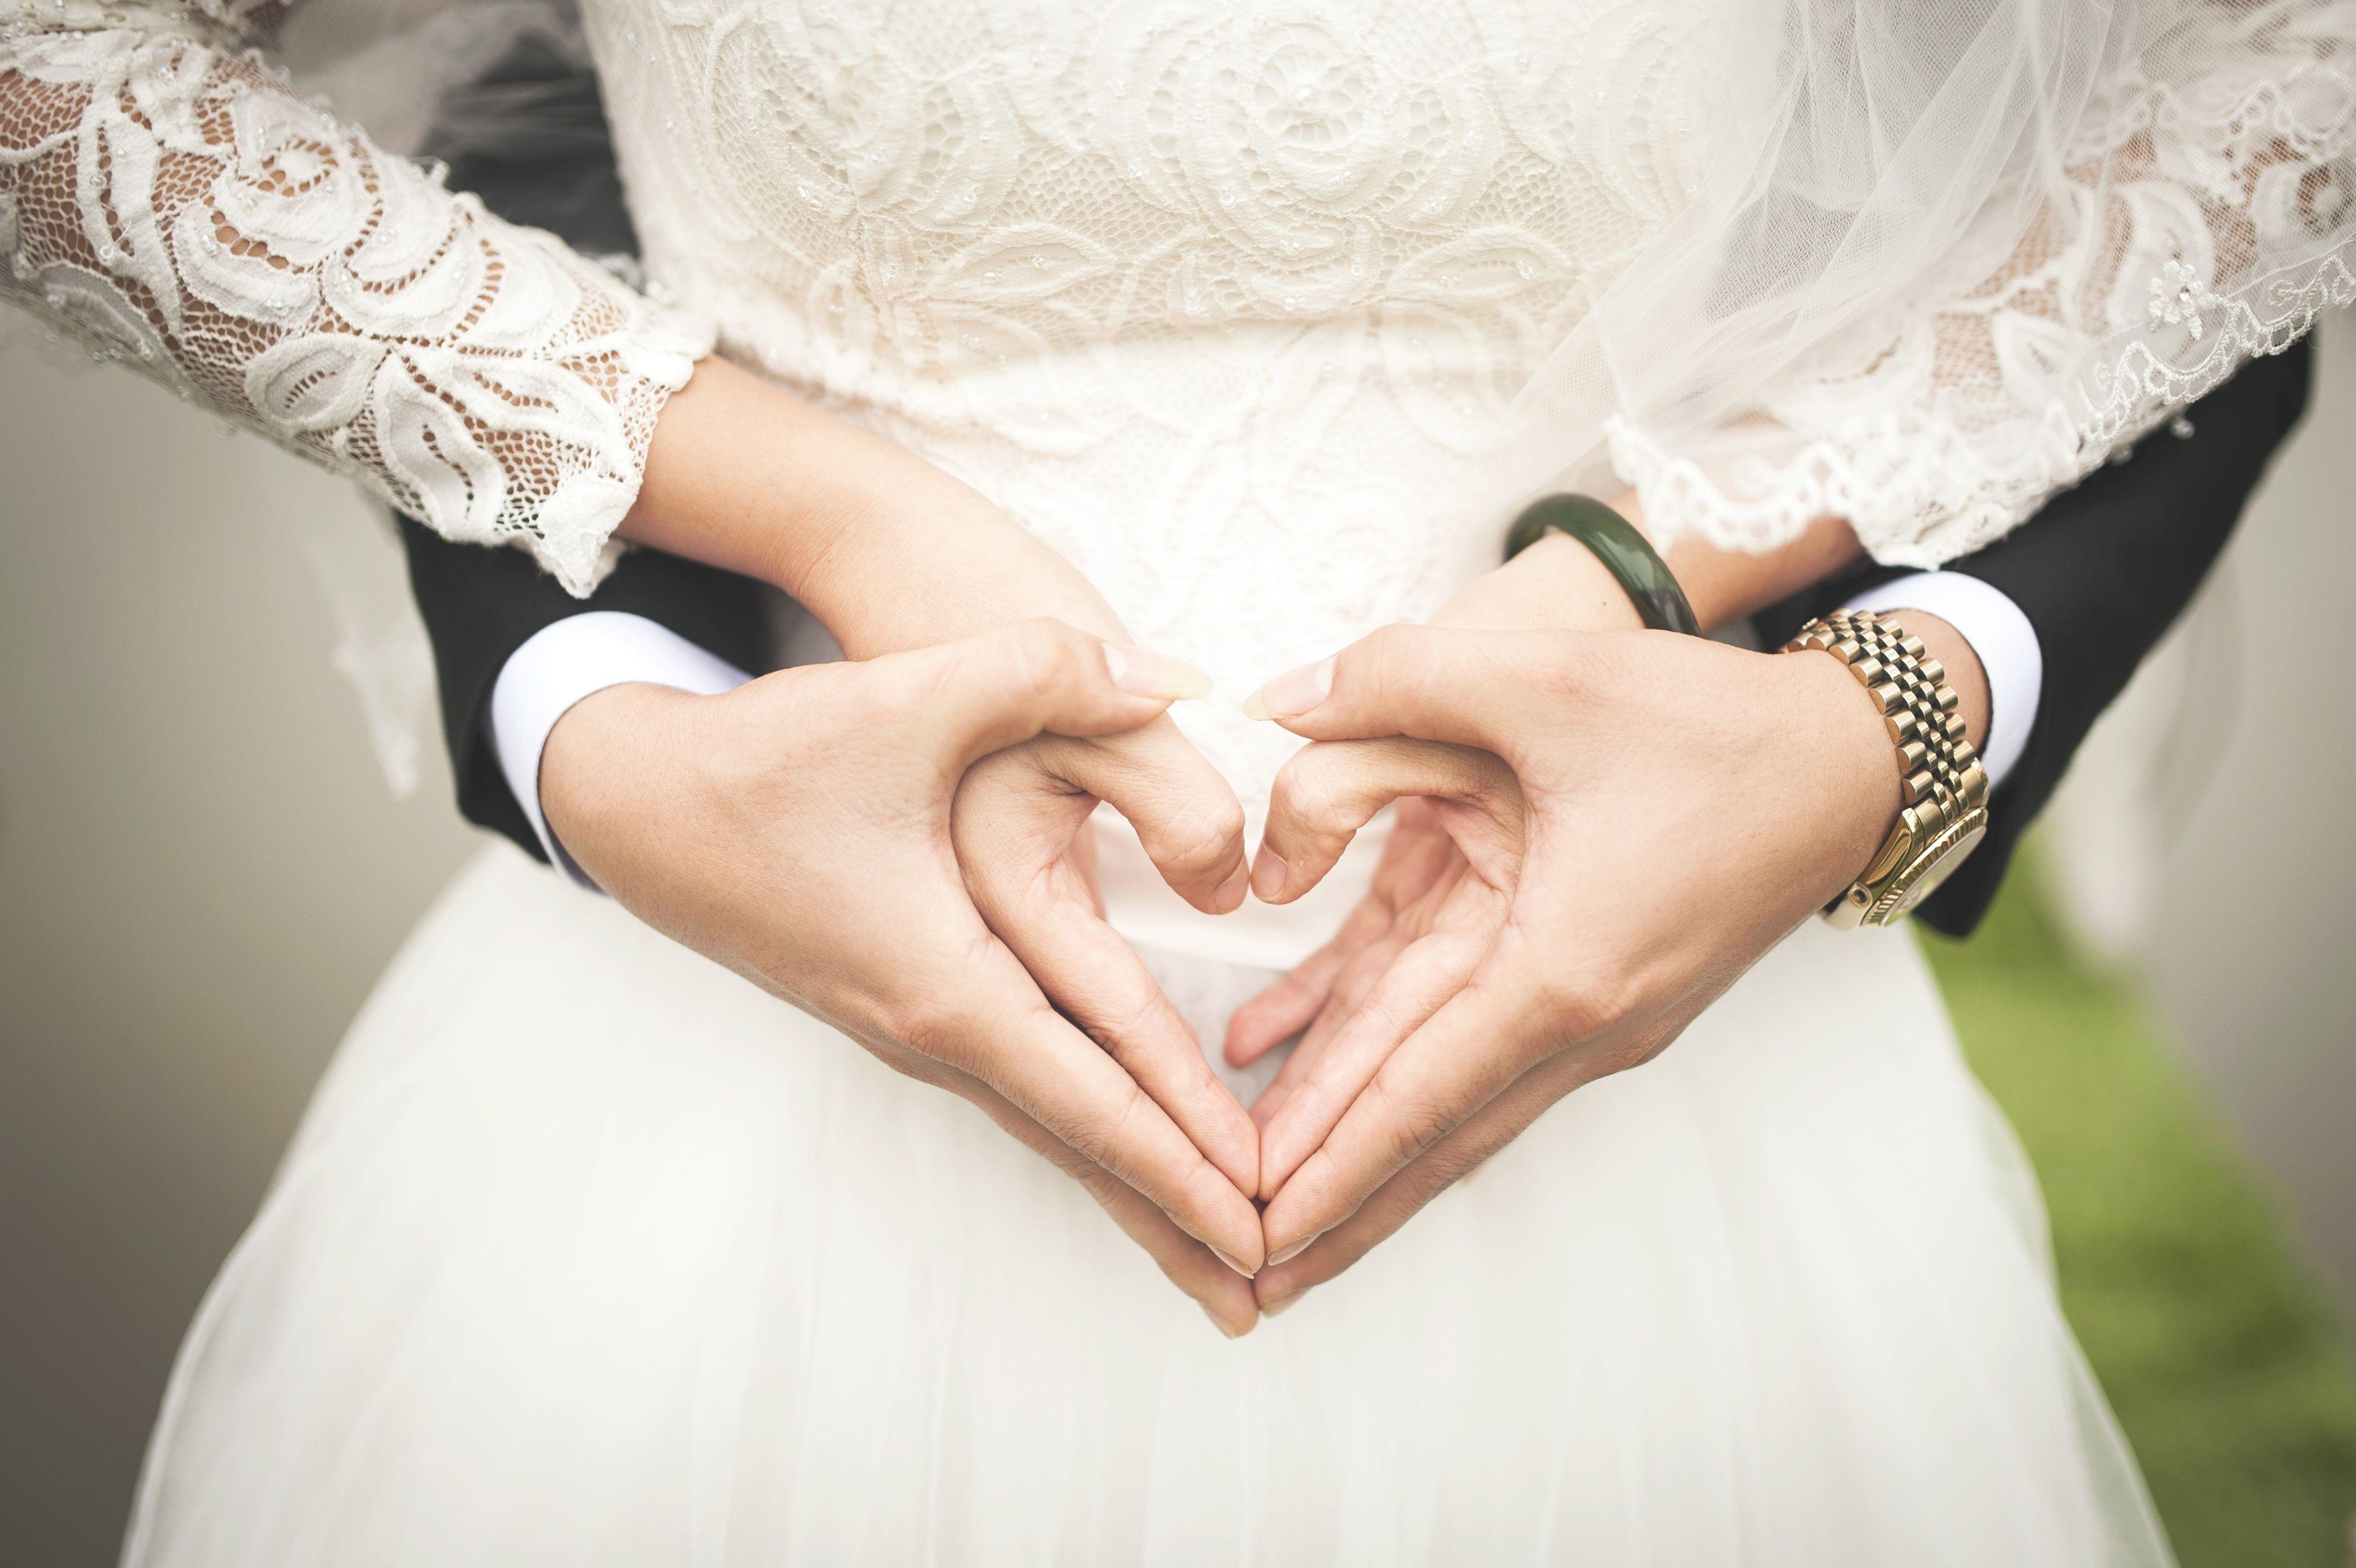 Foto di matrimonio rovinata dall'amico nudo, ma gli sposi la prendono con ironia